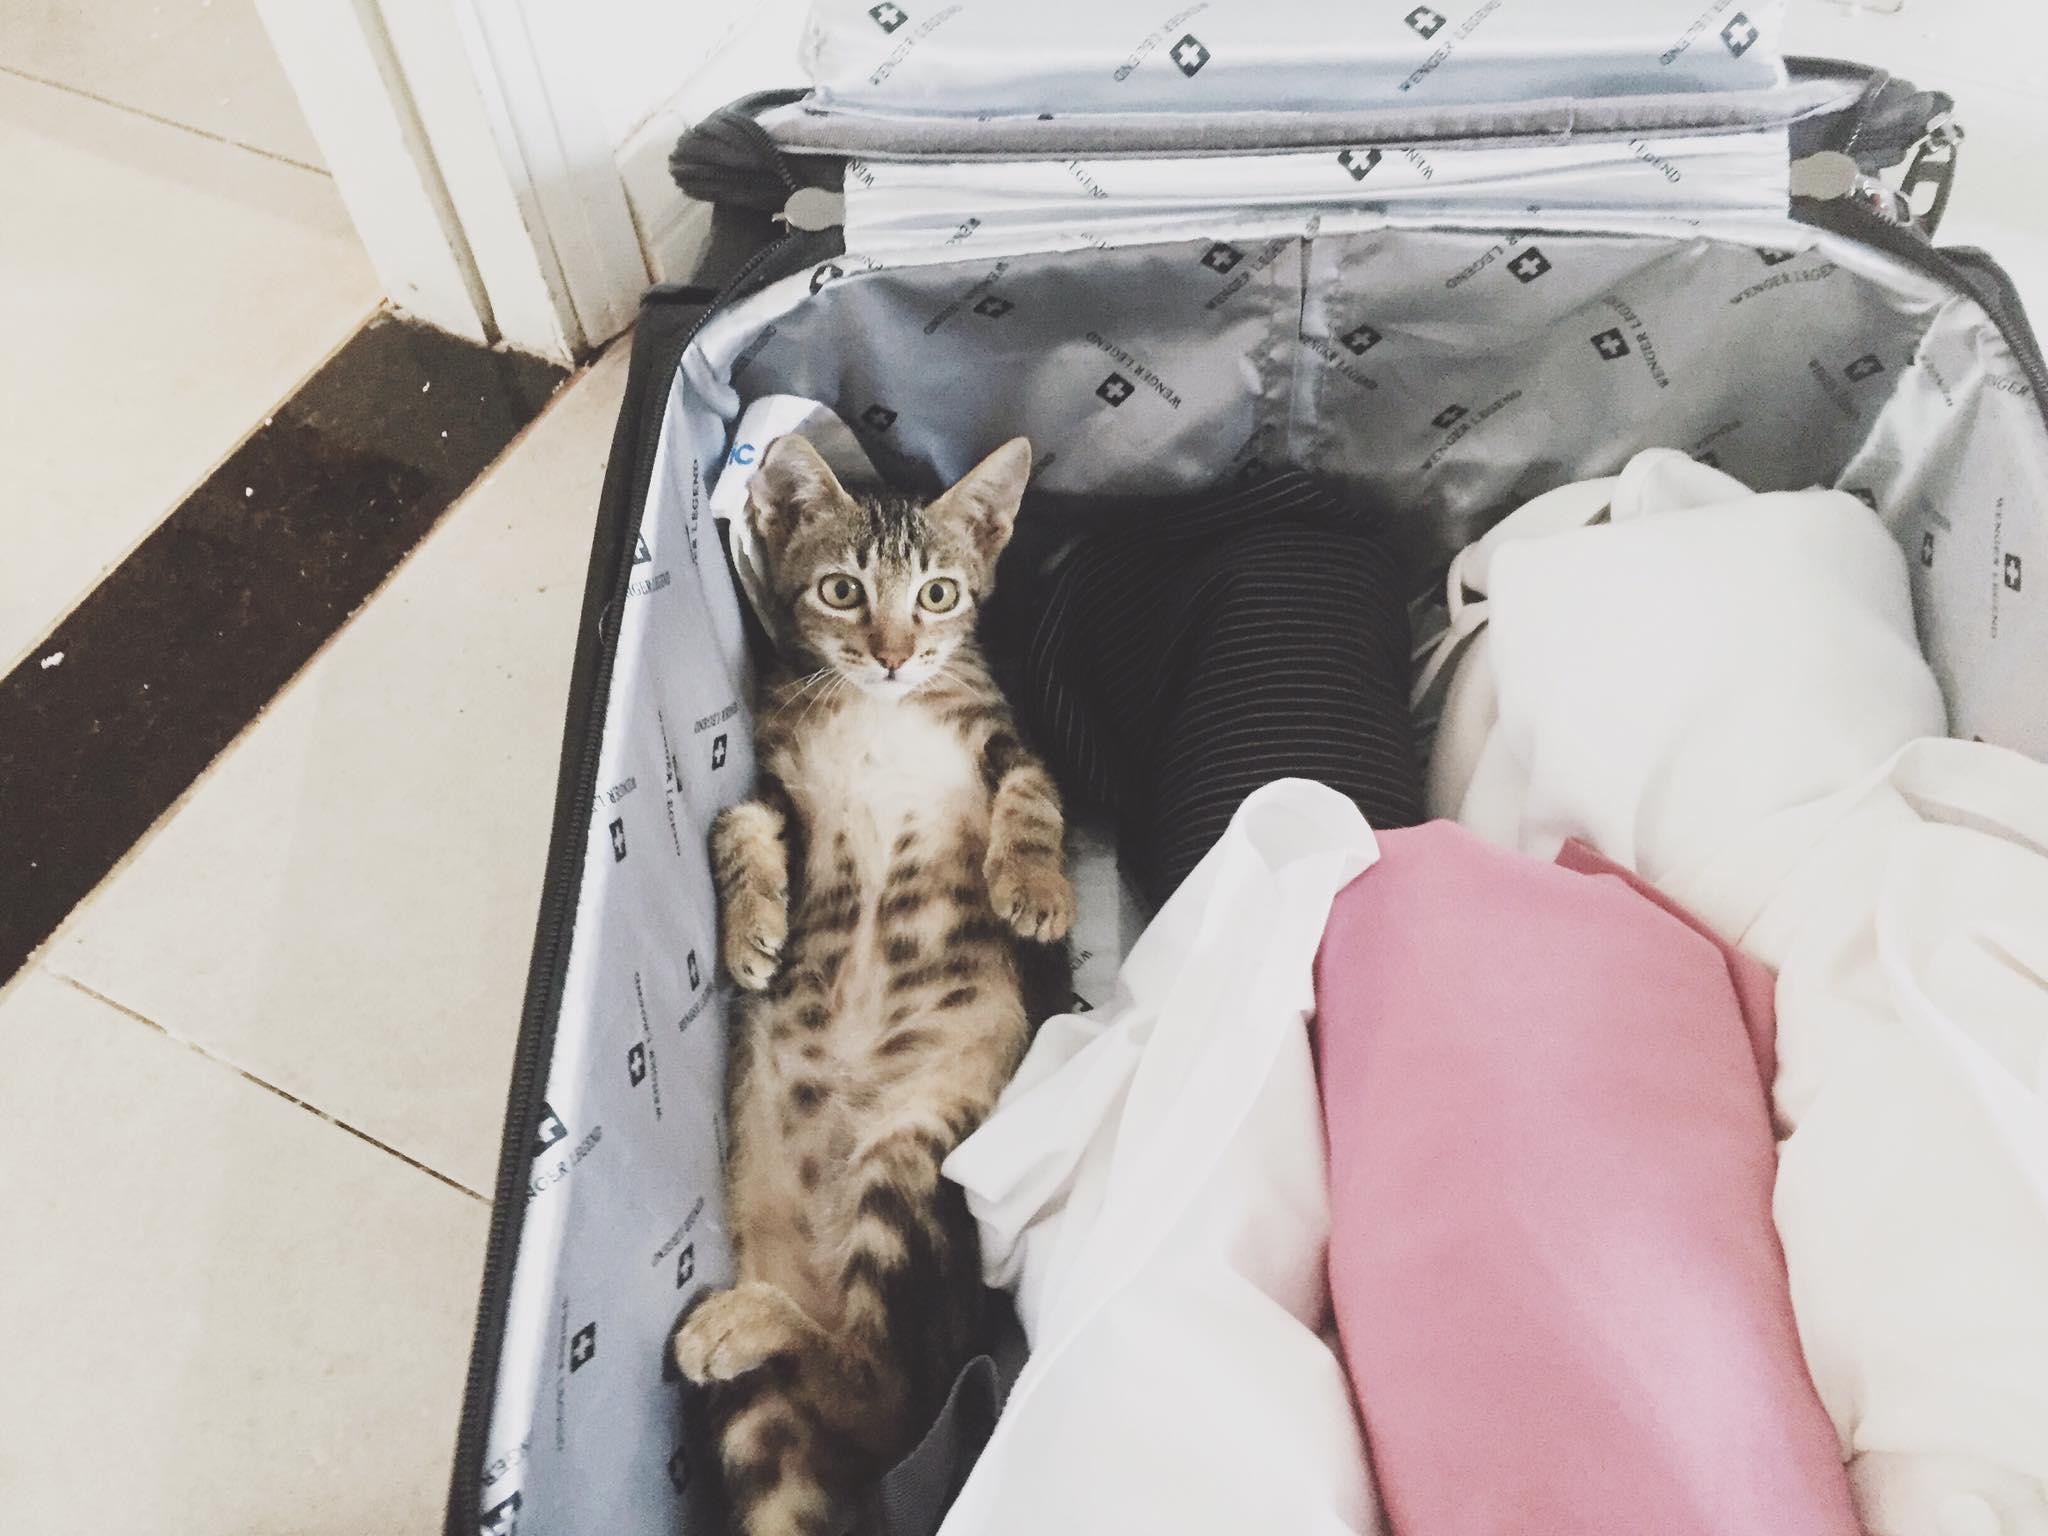 Check ngay tính cách mèo nhà bạn để hiểu vì sao chúng có sở thích khác thường đến vậy - Ảnh 1.